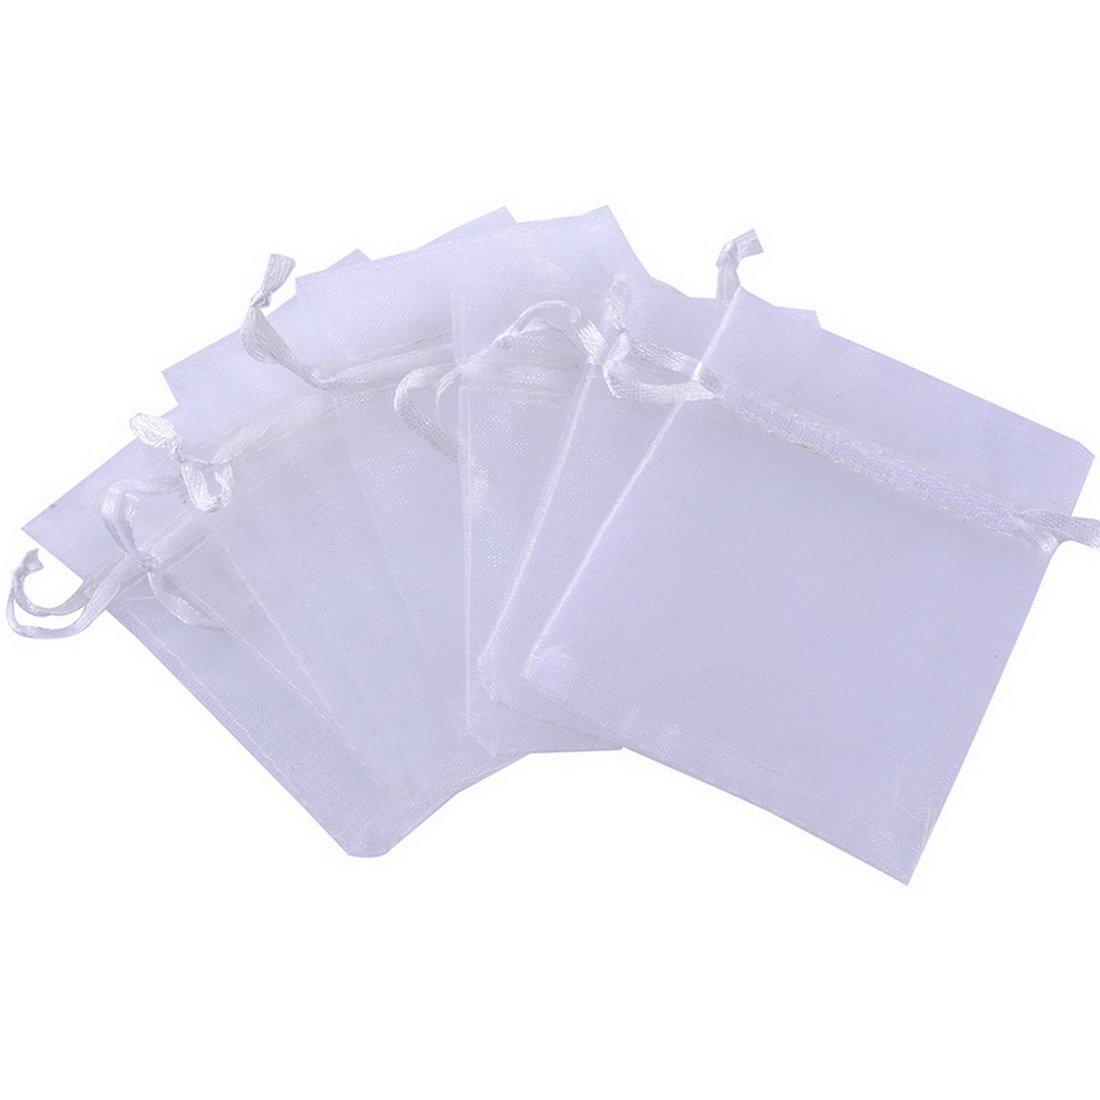 Souarts Blanc Organza Sachets Cadeau Bijoux 7X9cm Lot de 25pcs Hello_Crafts